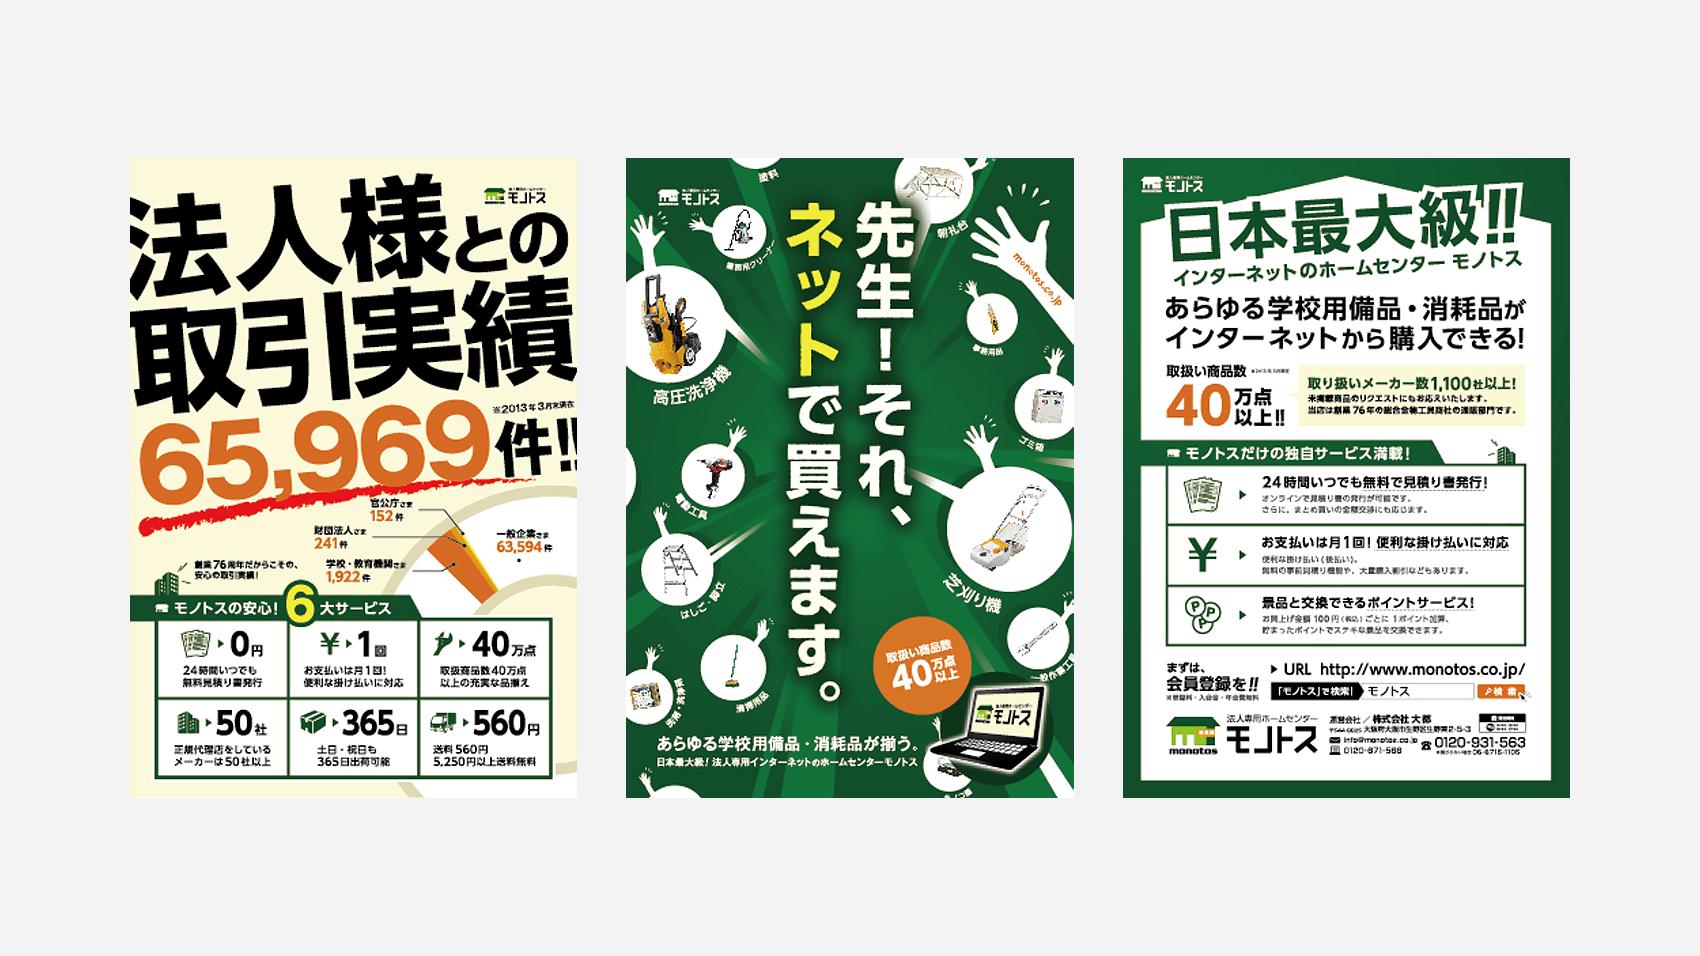 学校法人様向けに制作した展示会用A1ポスターデザイン